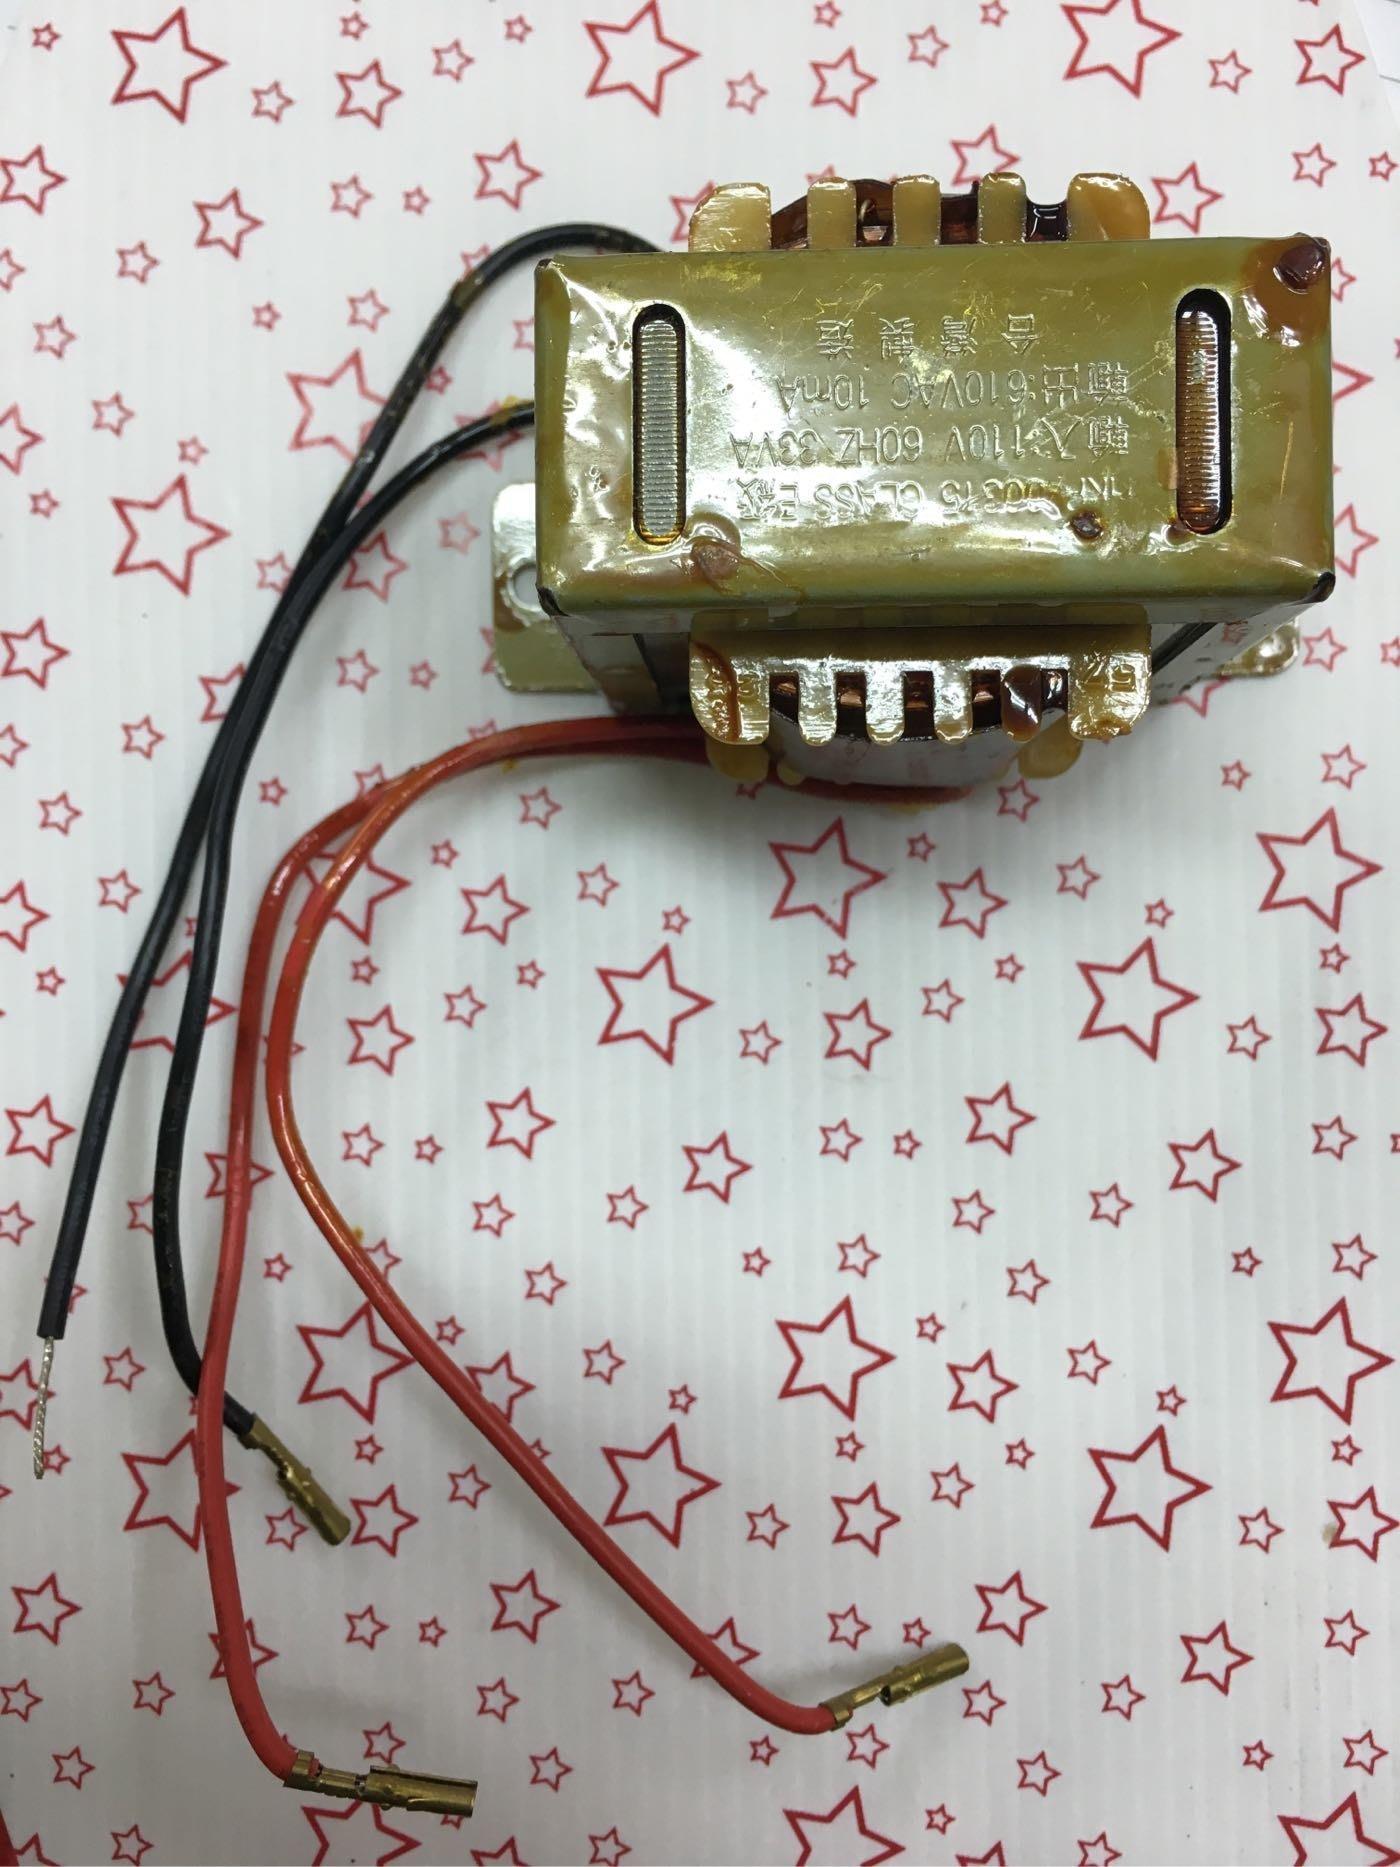 捕蚊燈的 (高壓變壓器+安定器)=2合1功能 110AC轉610AC T5/15W 變壓器